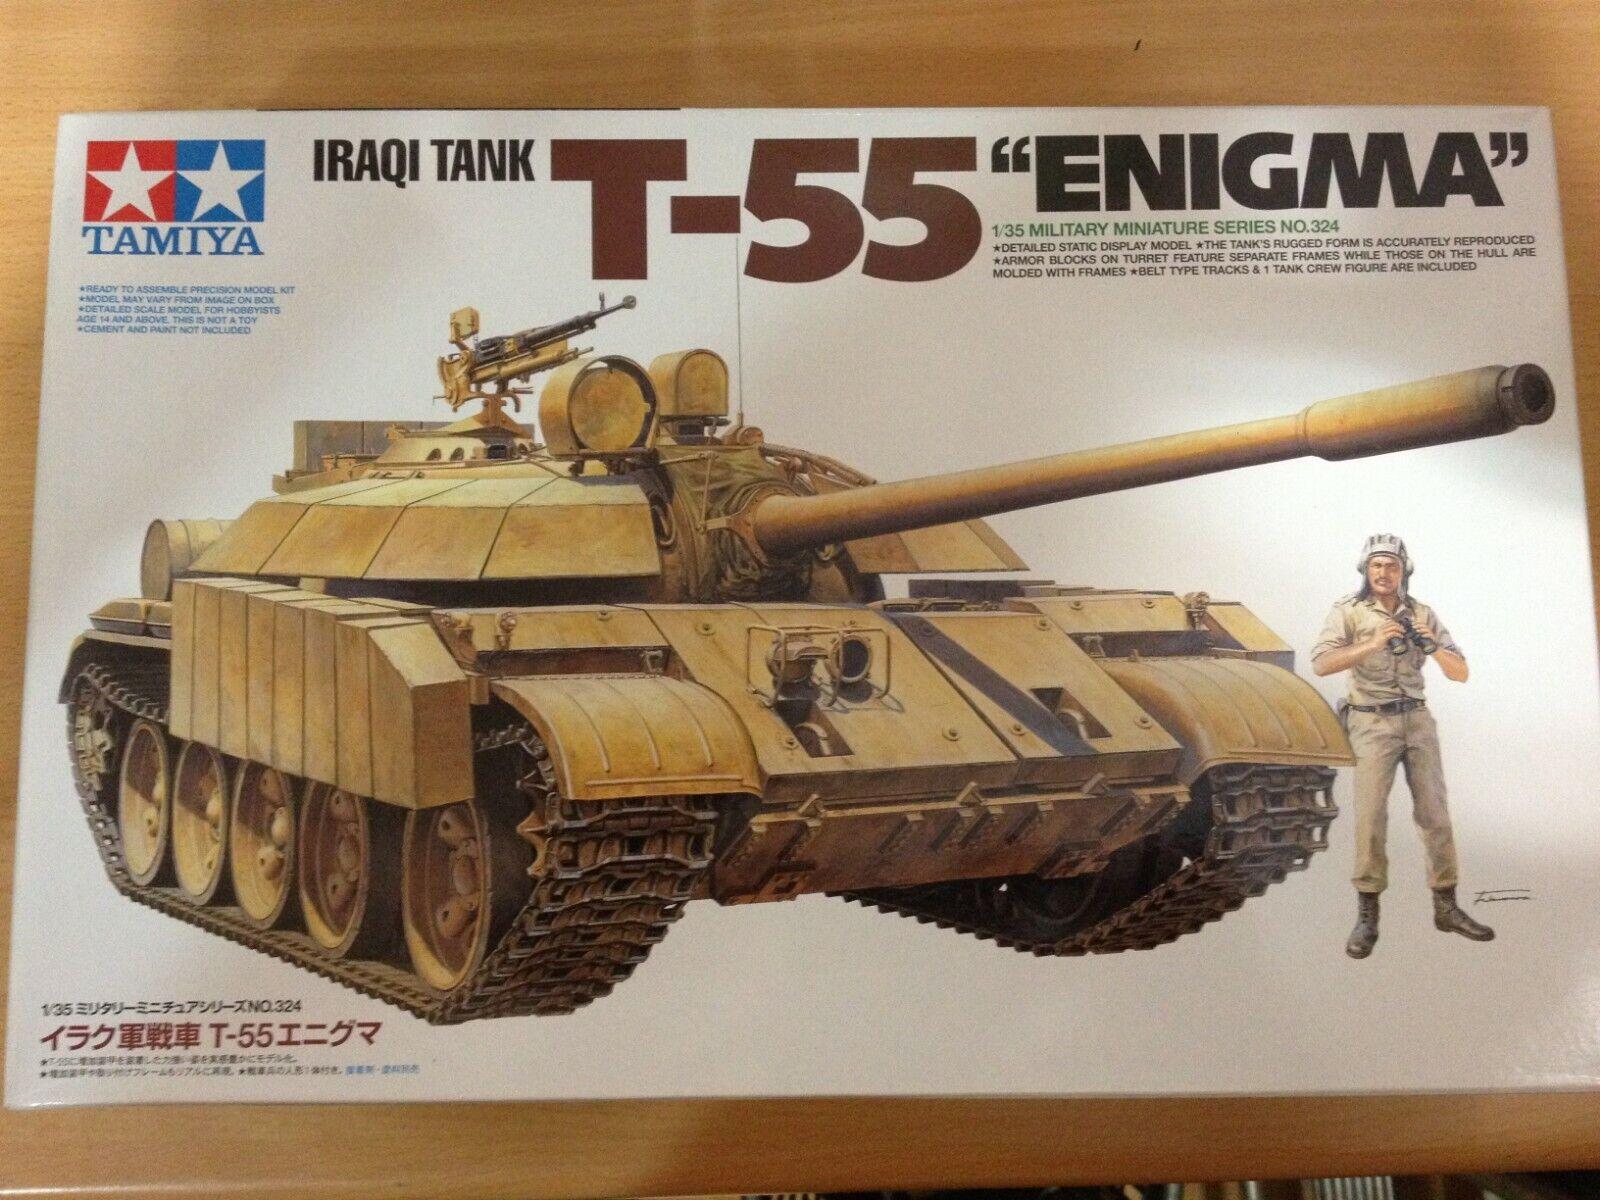 Tamiya Maqueta,escala 1 35,IRAQI TANK T-55  ENIGMA ,ref.35324